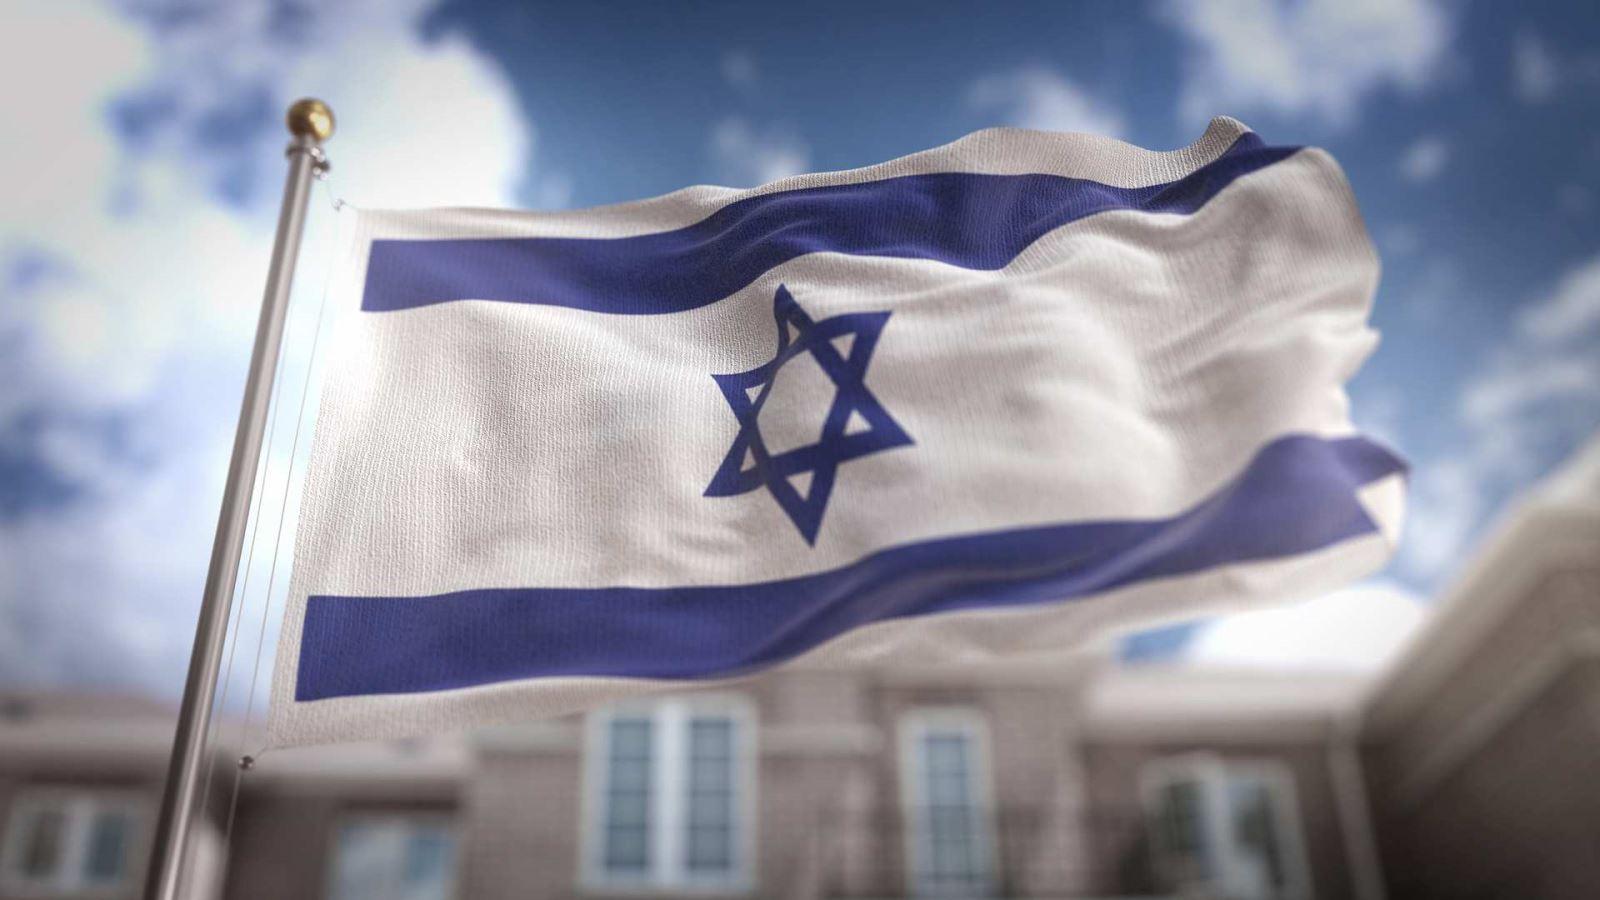 דגל ישראל, עבודה ביום הזיכרון